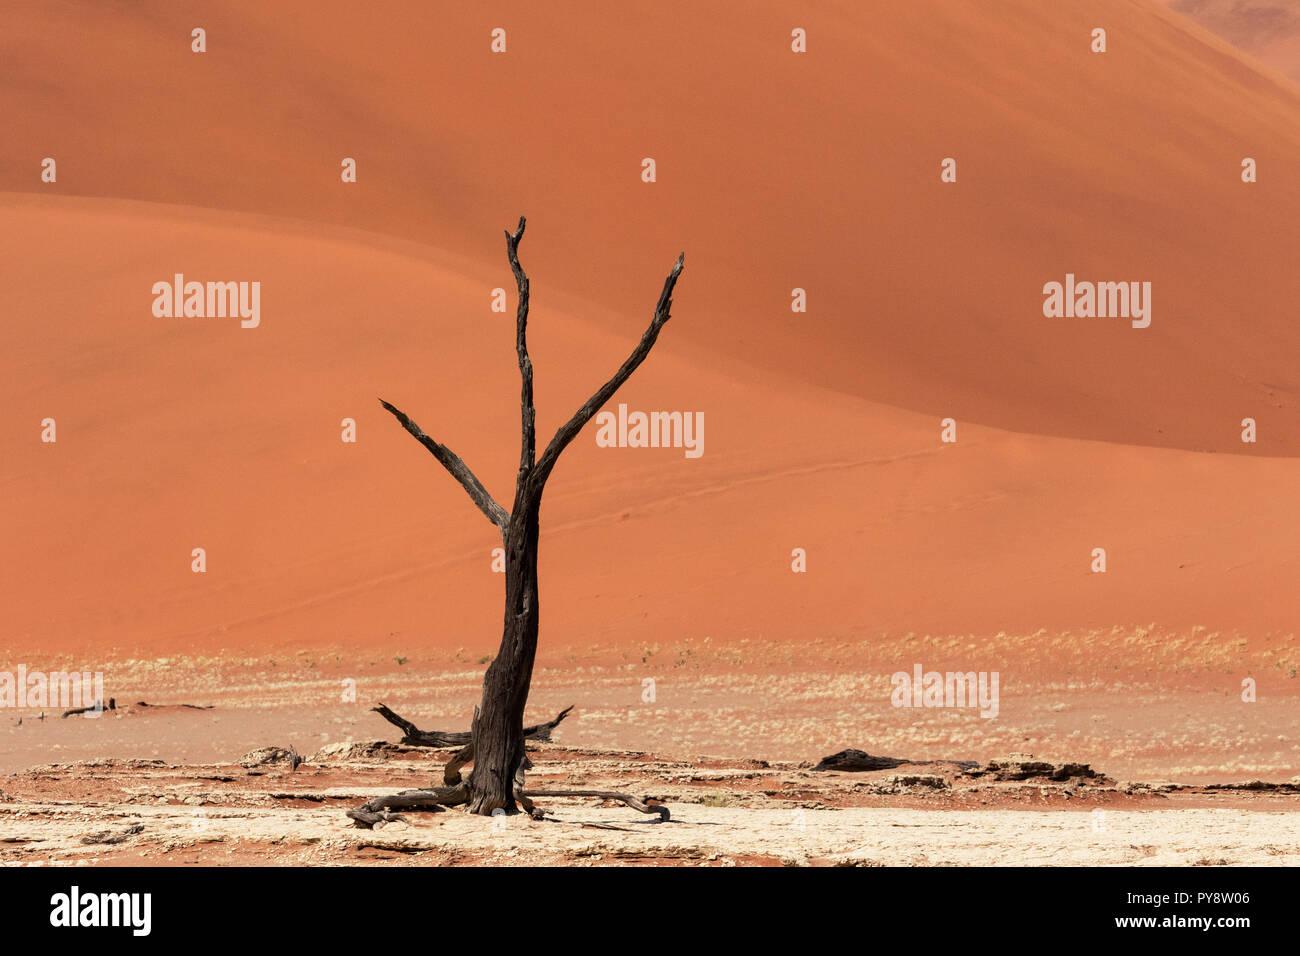 Deadvlei Namibia - los árboles muertos de 8000 años en las dunas del desierto de Namib, Namib Naukluft National Park, Namibia Foto de stock